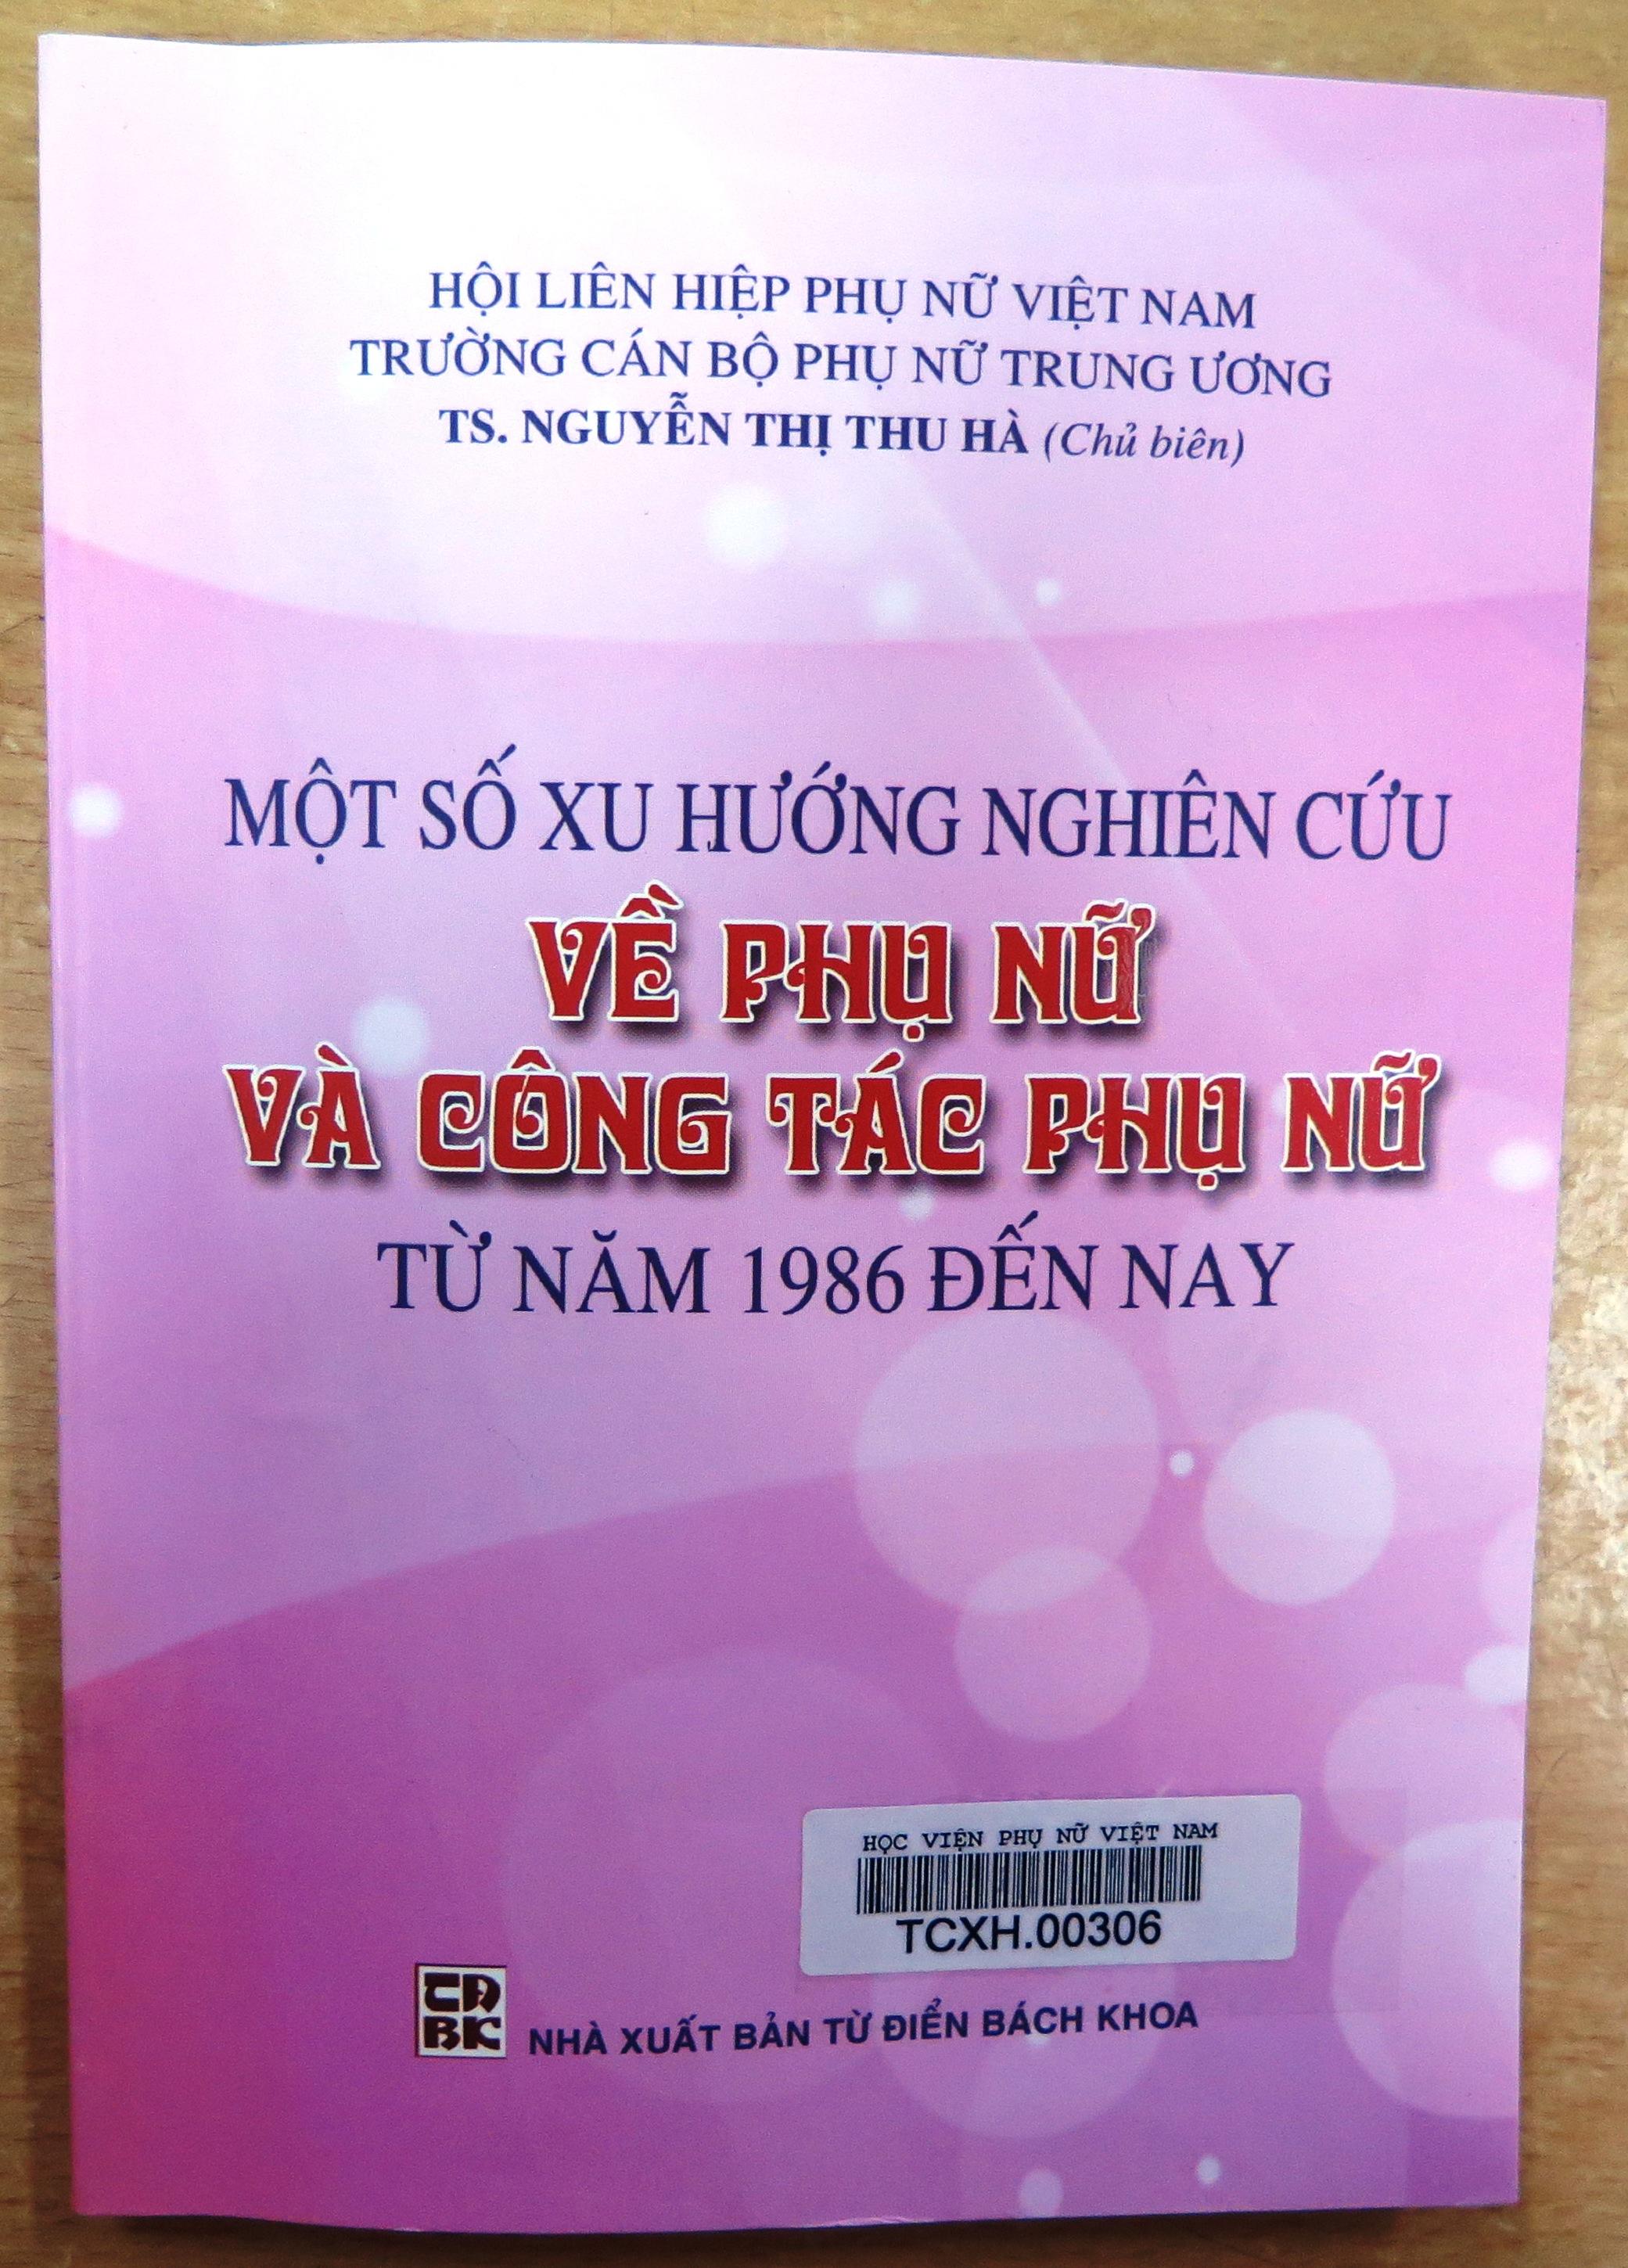 Giới thiệu sách: Một số xu hướng nghiên cứu về phụ nữ và công tác phụ nữ từ năm 1986 đến nay